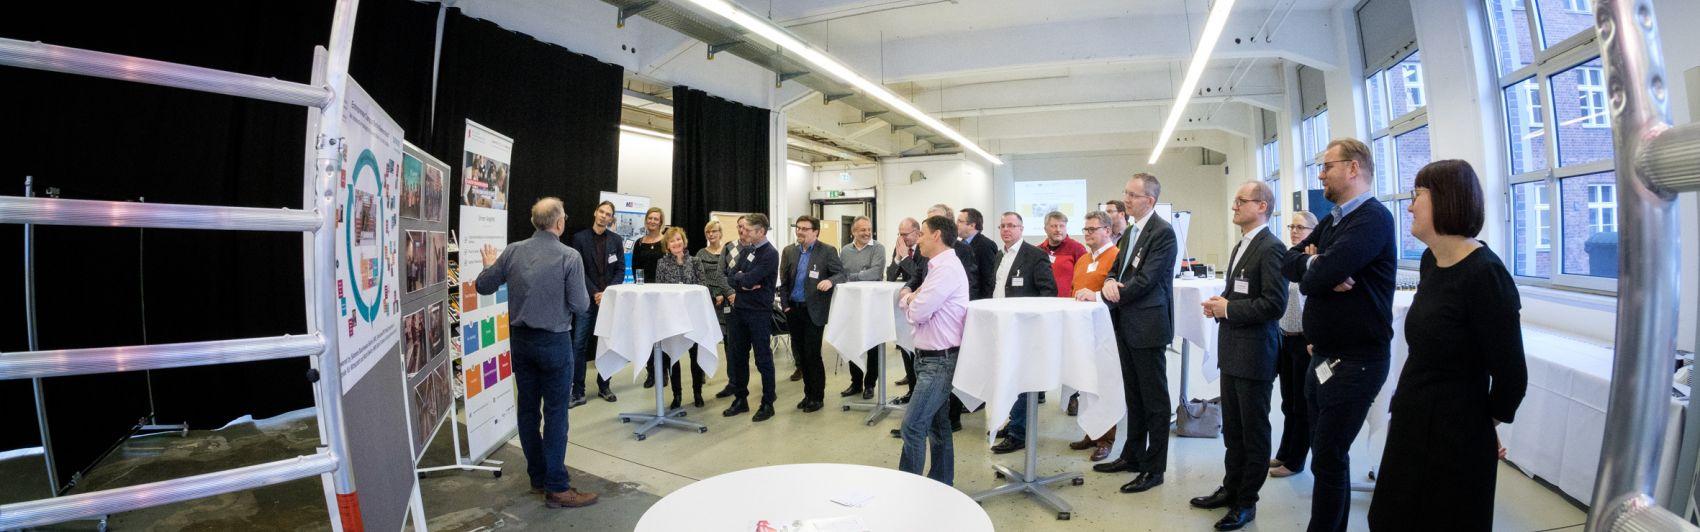 Digitalforum Assistenzsysteme & Arbeitsbedingungen